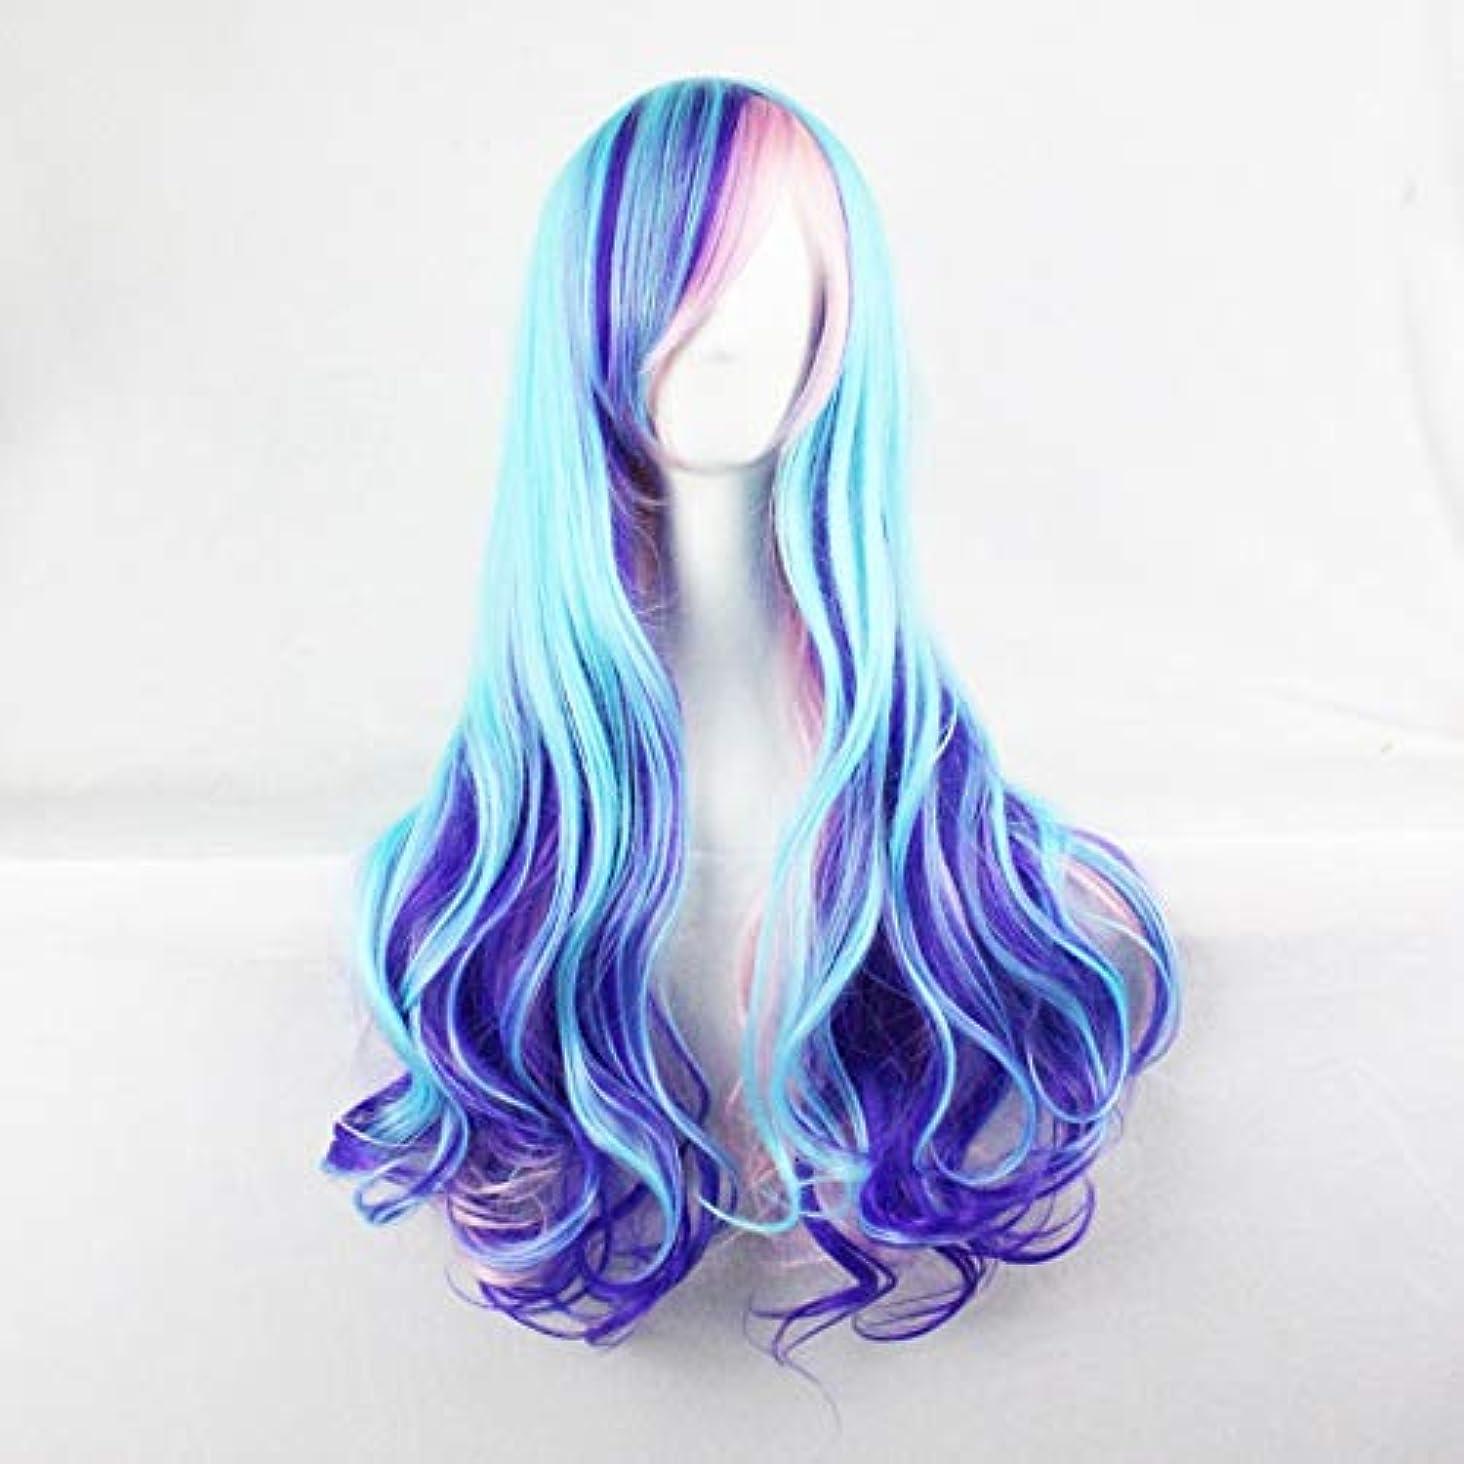 地上の受付穏やかなかつらキャップでかつらファンシードレスカールかつら女性用高品質合成毛髪コスプレ高密度かつら女性&女の子ブルー、ピンク、パープル (Color : 青)